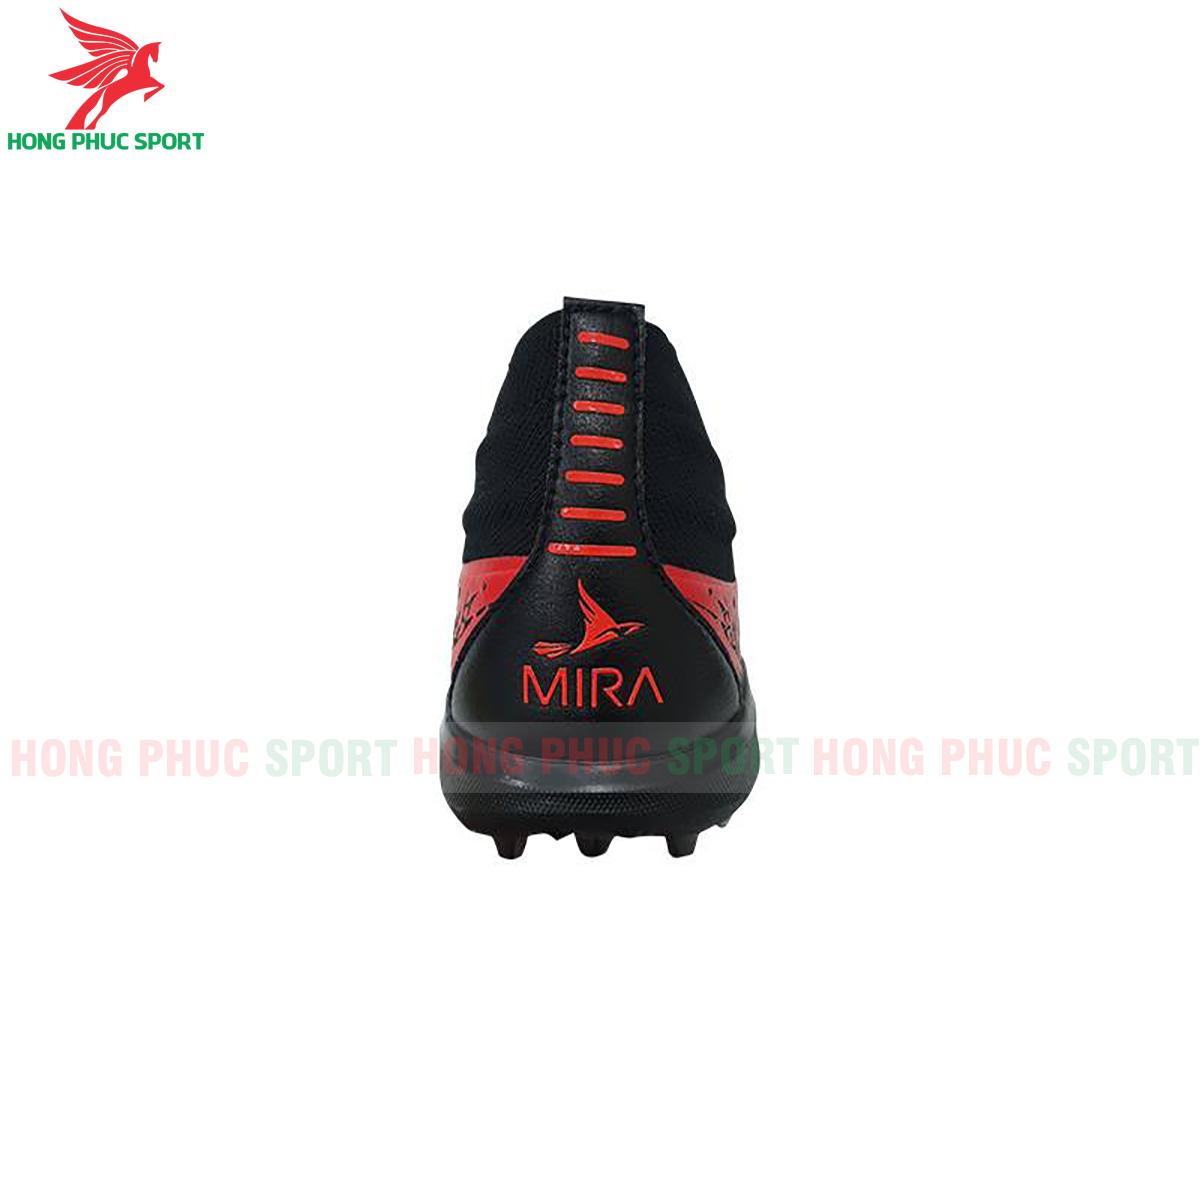 https://cdn.hongphucsport.com/unsafe/s4.shopbay.vn/files/285/giay-da-bong-mira-winner-den-6-5f73fb323d78a.png